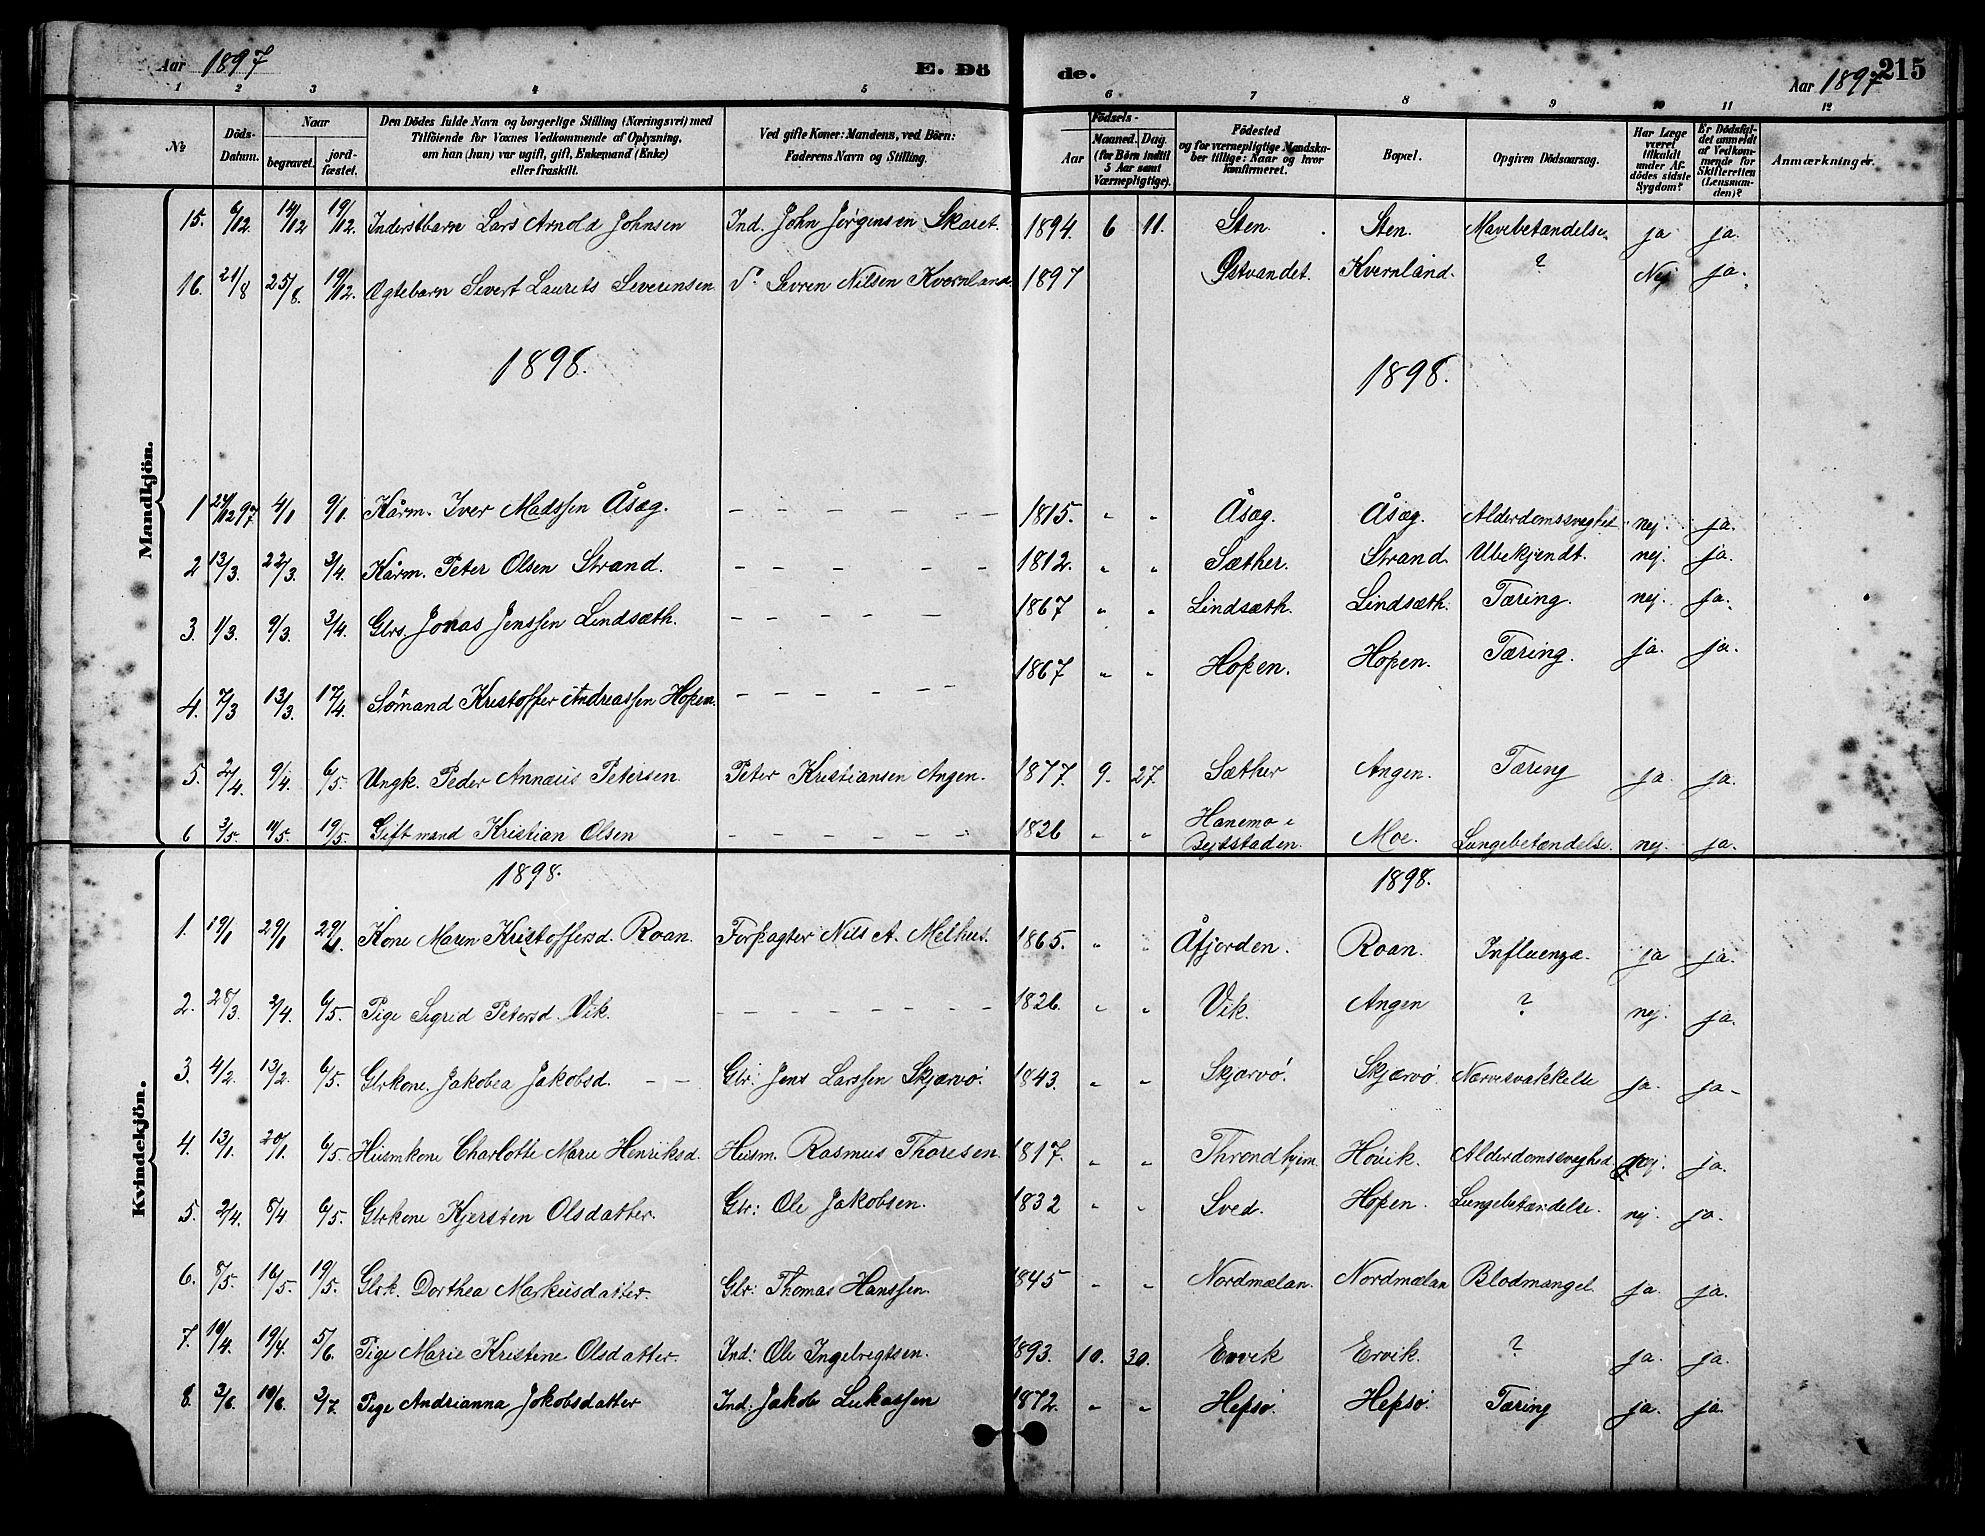 SAT, Ministerialprotokoller, klokkerbøker og fødselsregistre - Sør-Trøndelag, 658/L0726: Klokkerbok nr. 658C02, 1883-1908, s. 215